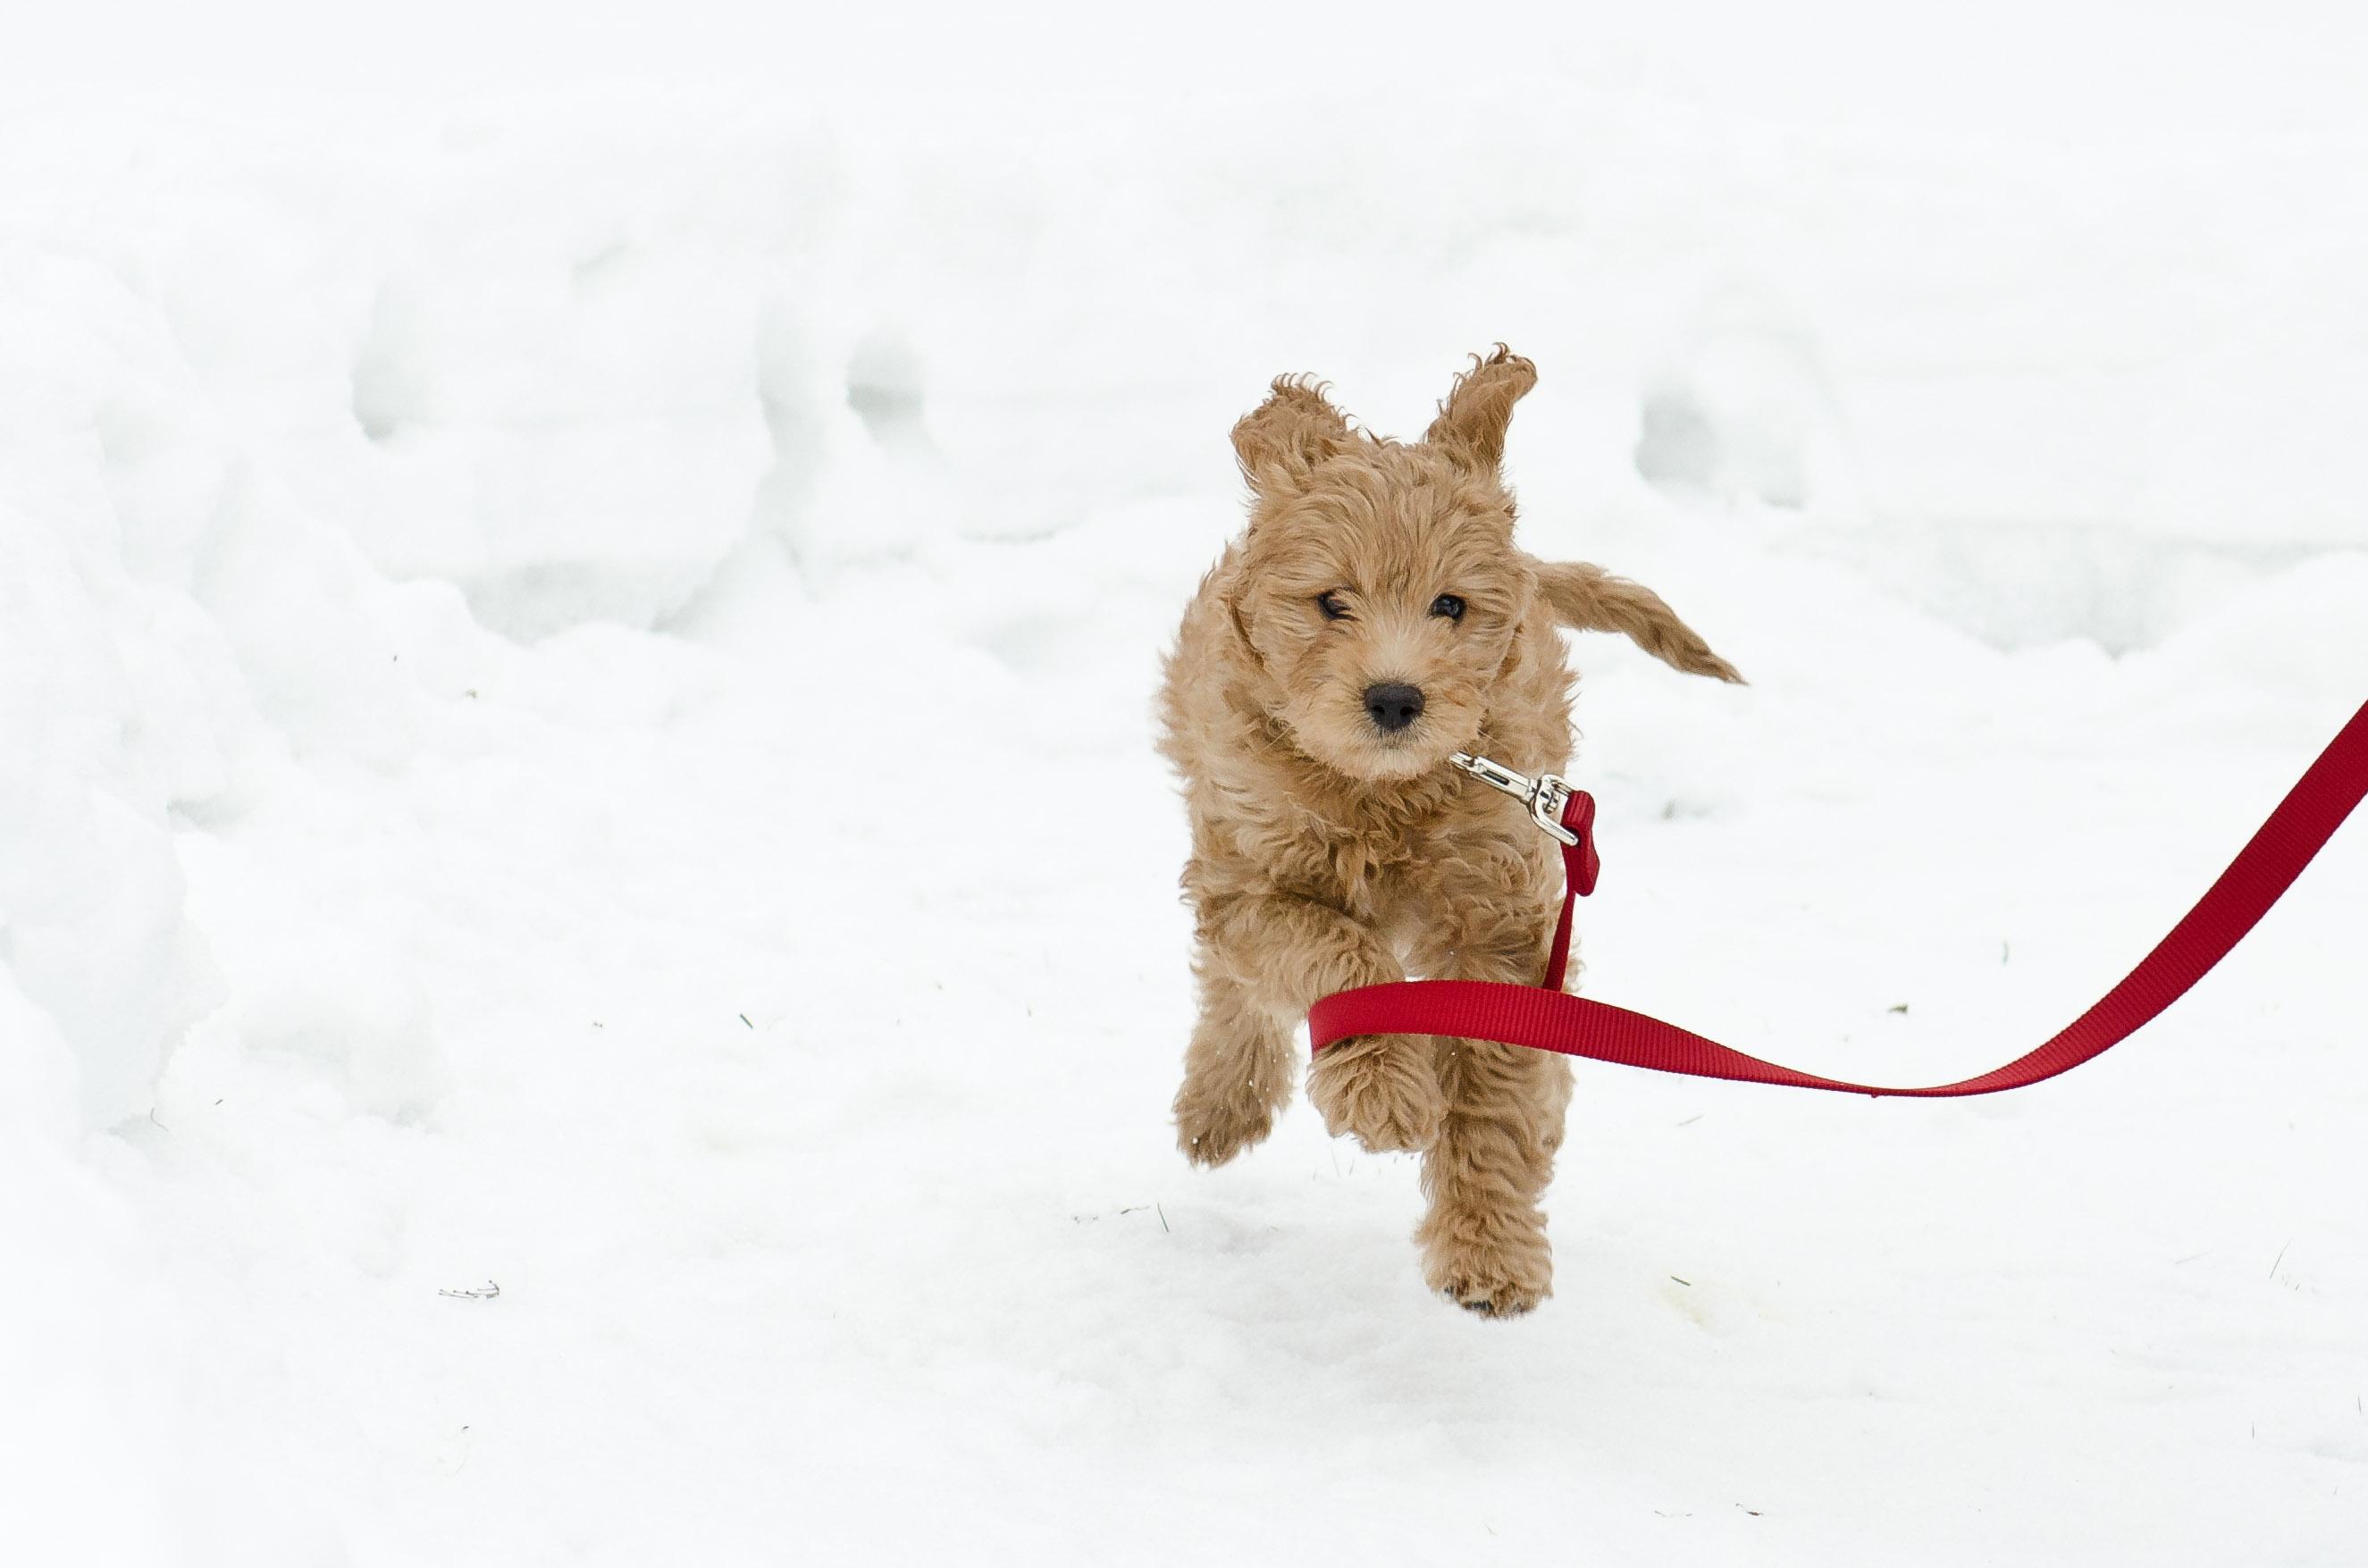 Maui loves the snow!